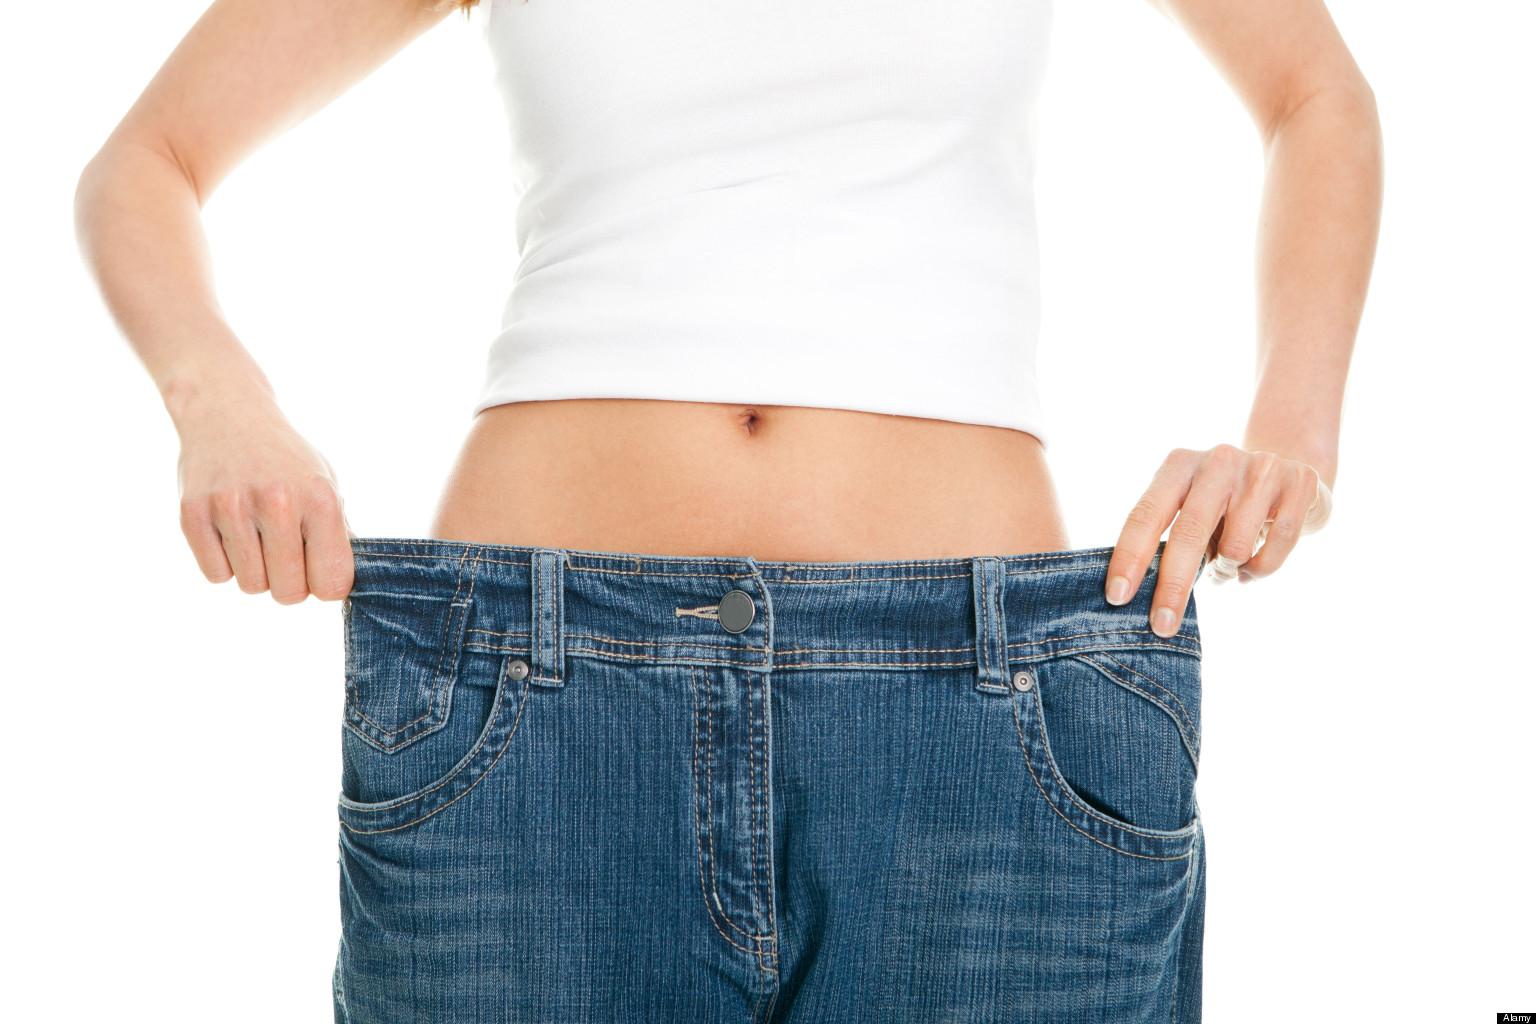 امبدینگ شکم چگونه انجام شده و چه فوایدی دارد؟